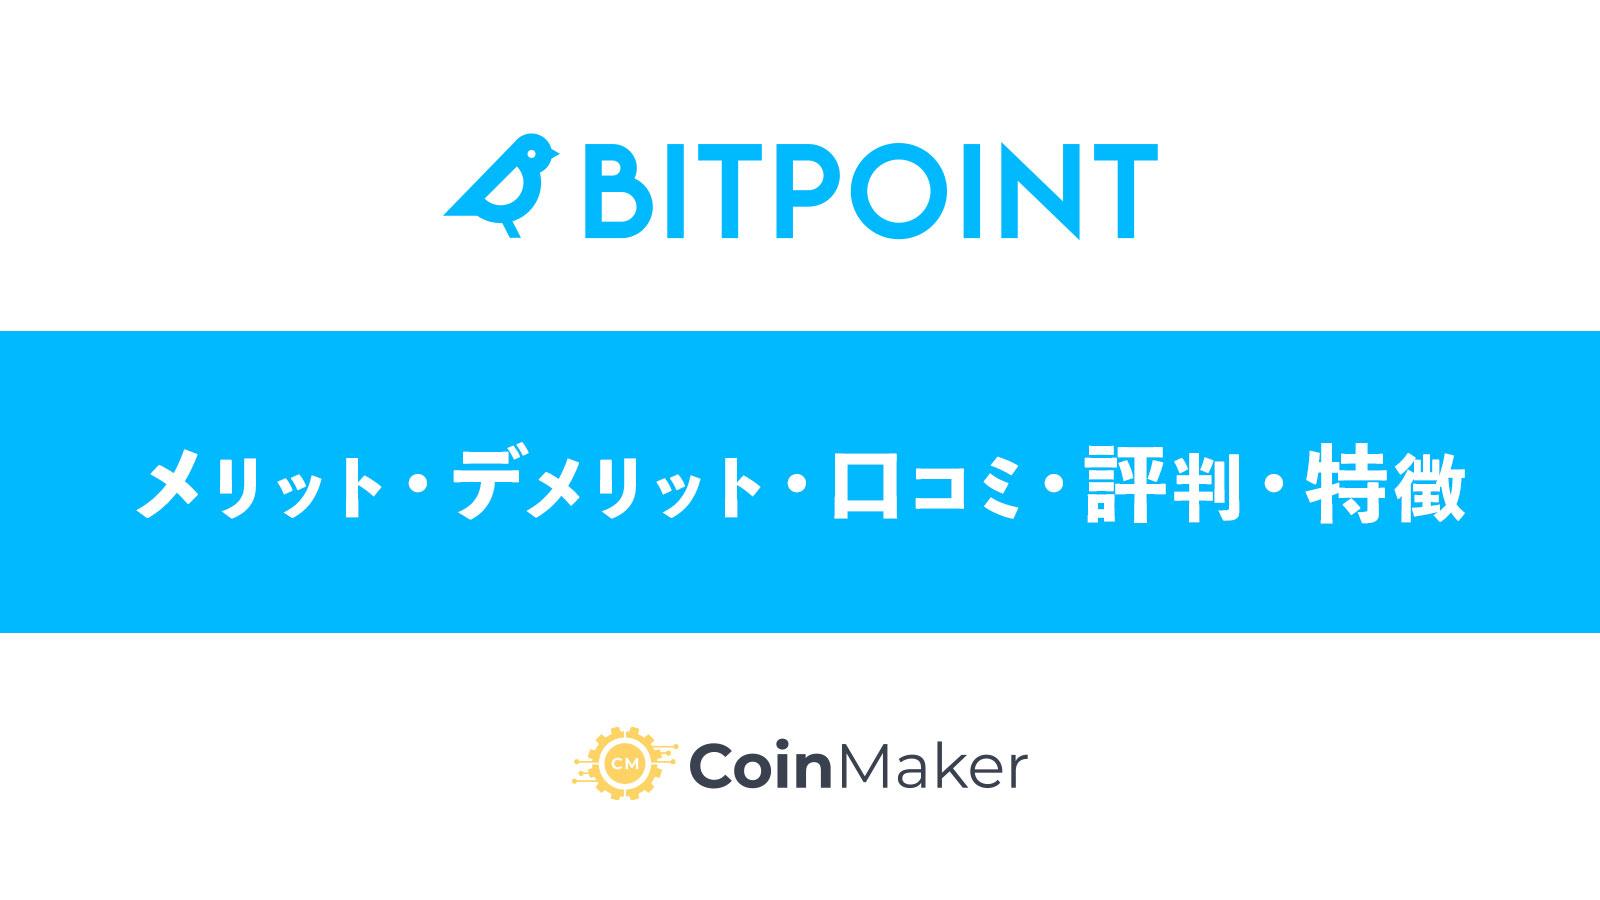 BITPOINT(ビットポイント)特徴・評判をわかりやすく解説